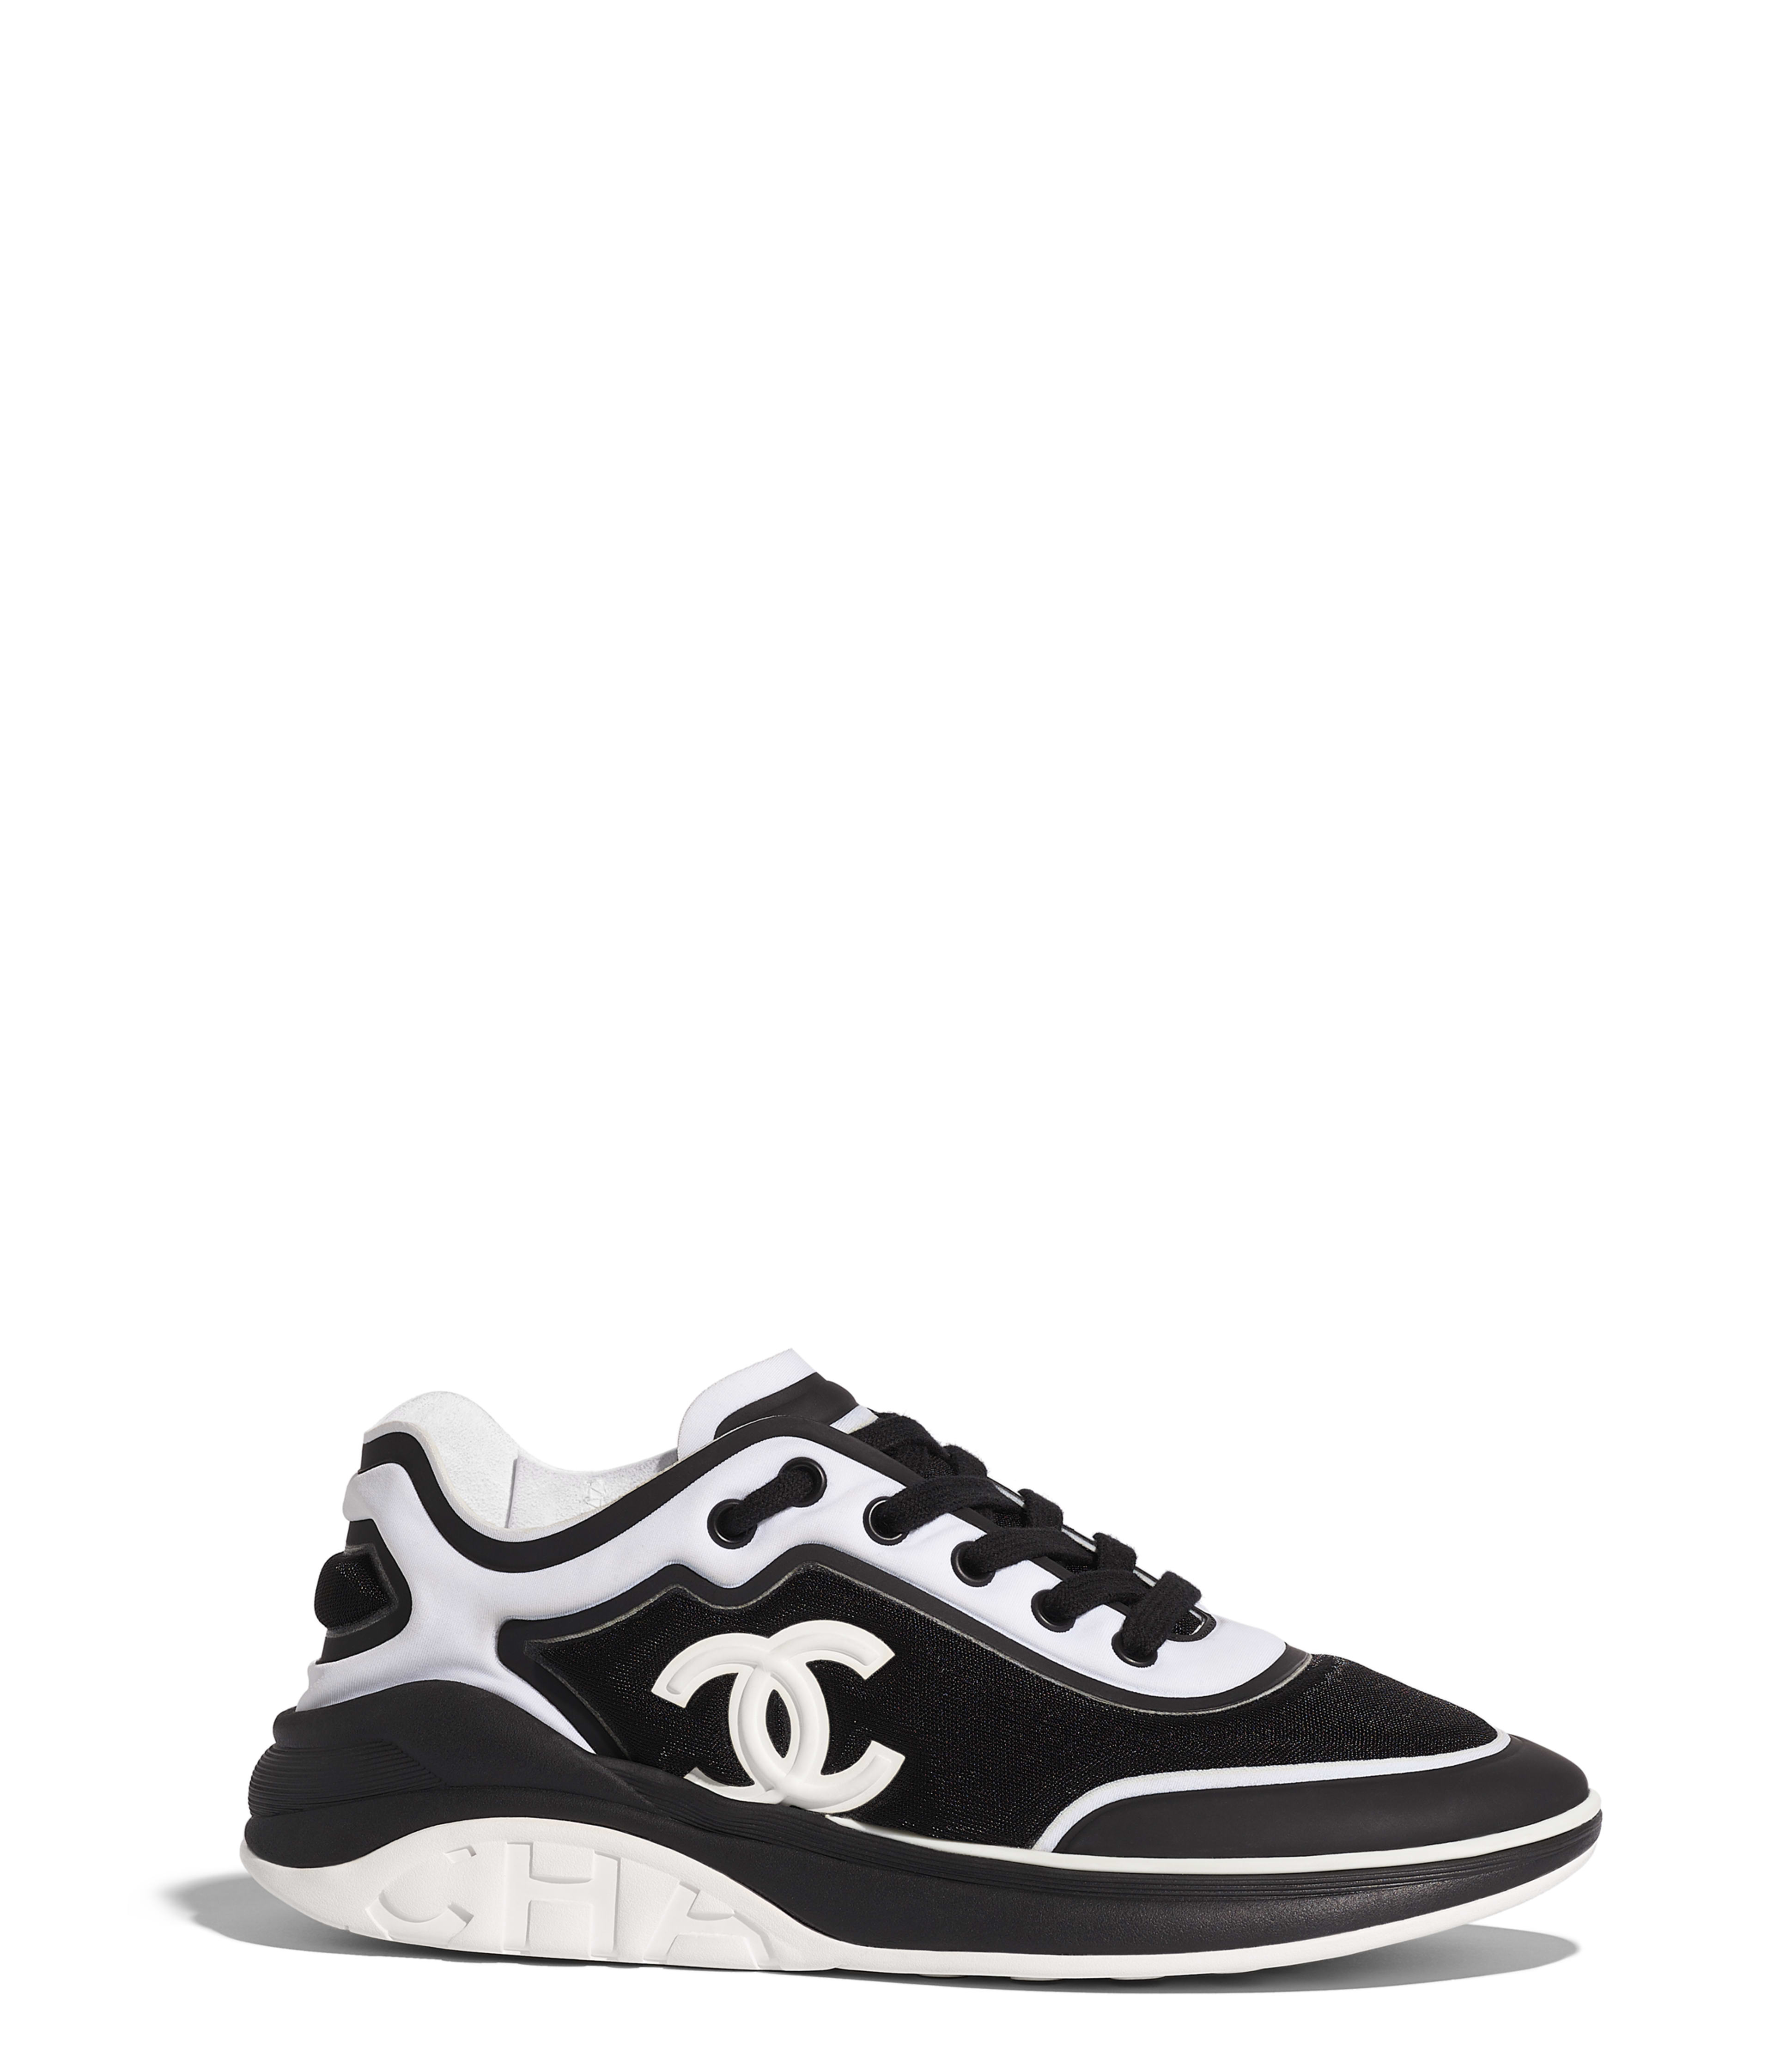 Sneakers mesh lycra black white ref g34763y53288c0229